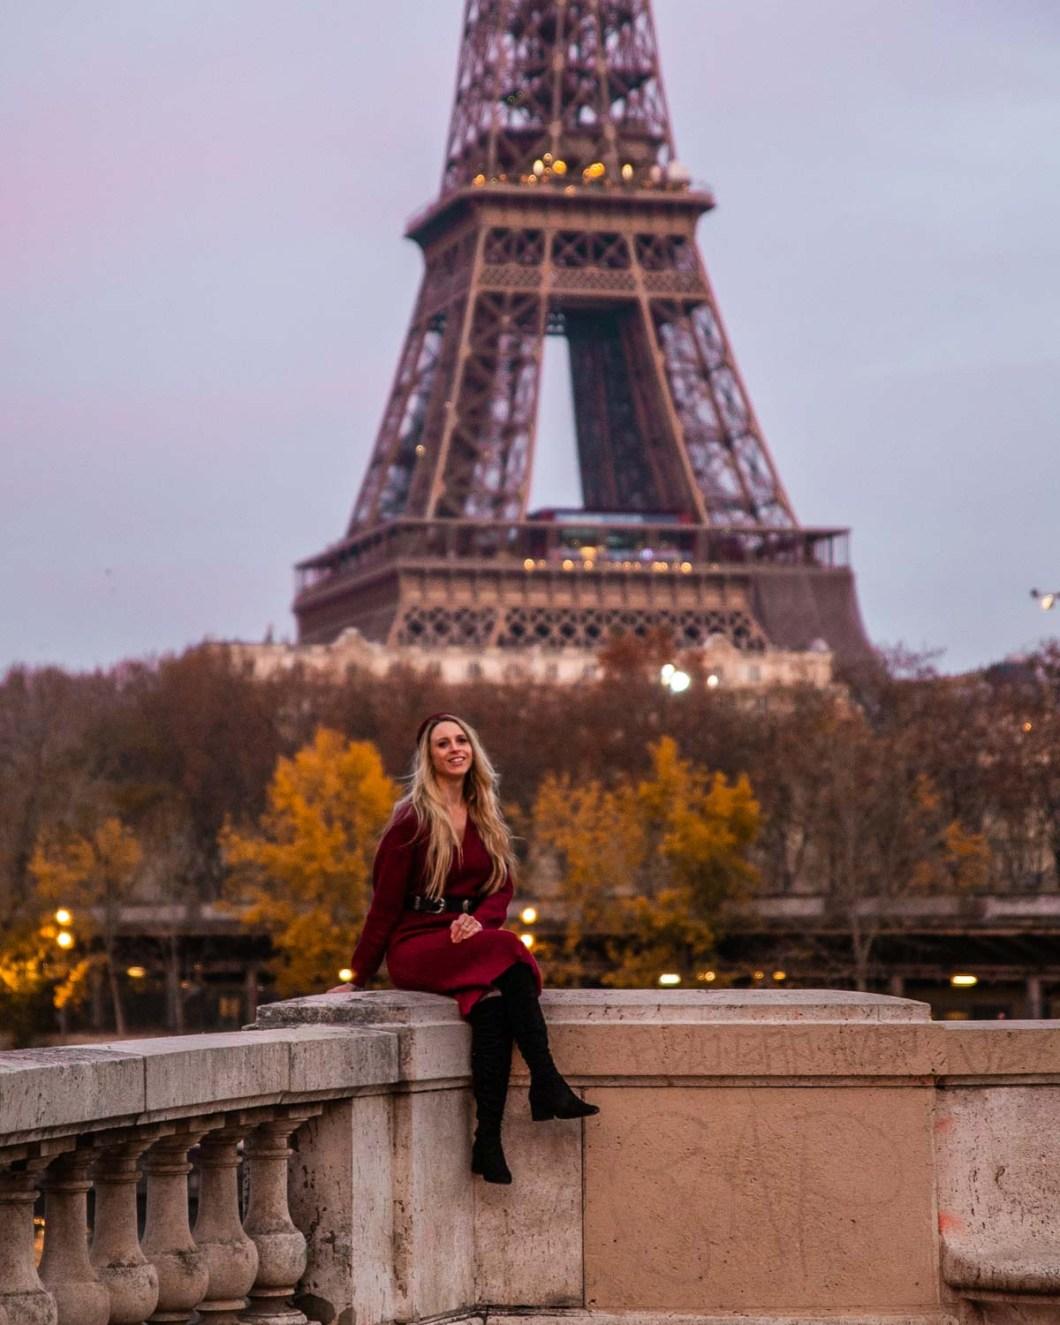 Pont de Bir Hakeim with the Eiffel Tower